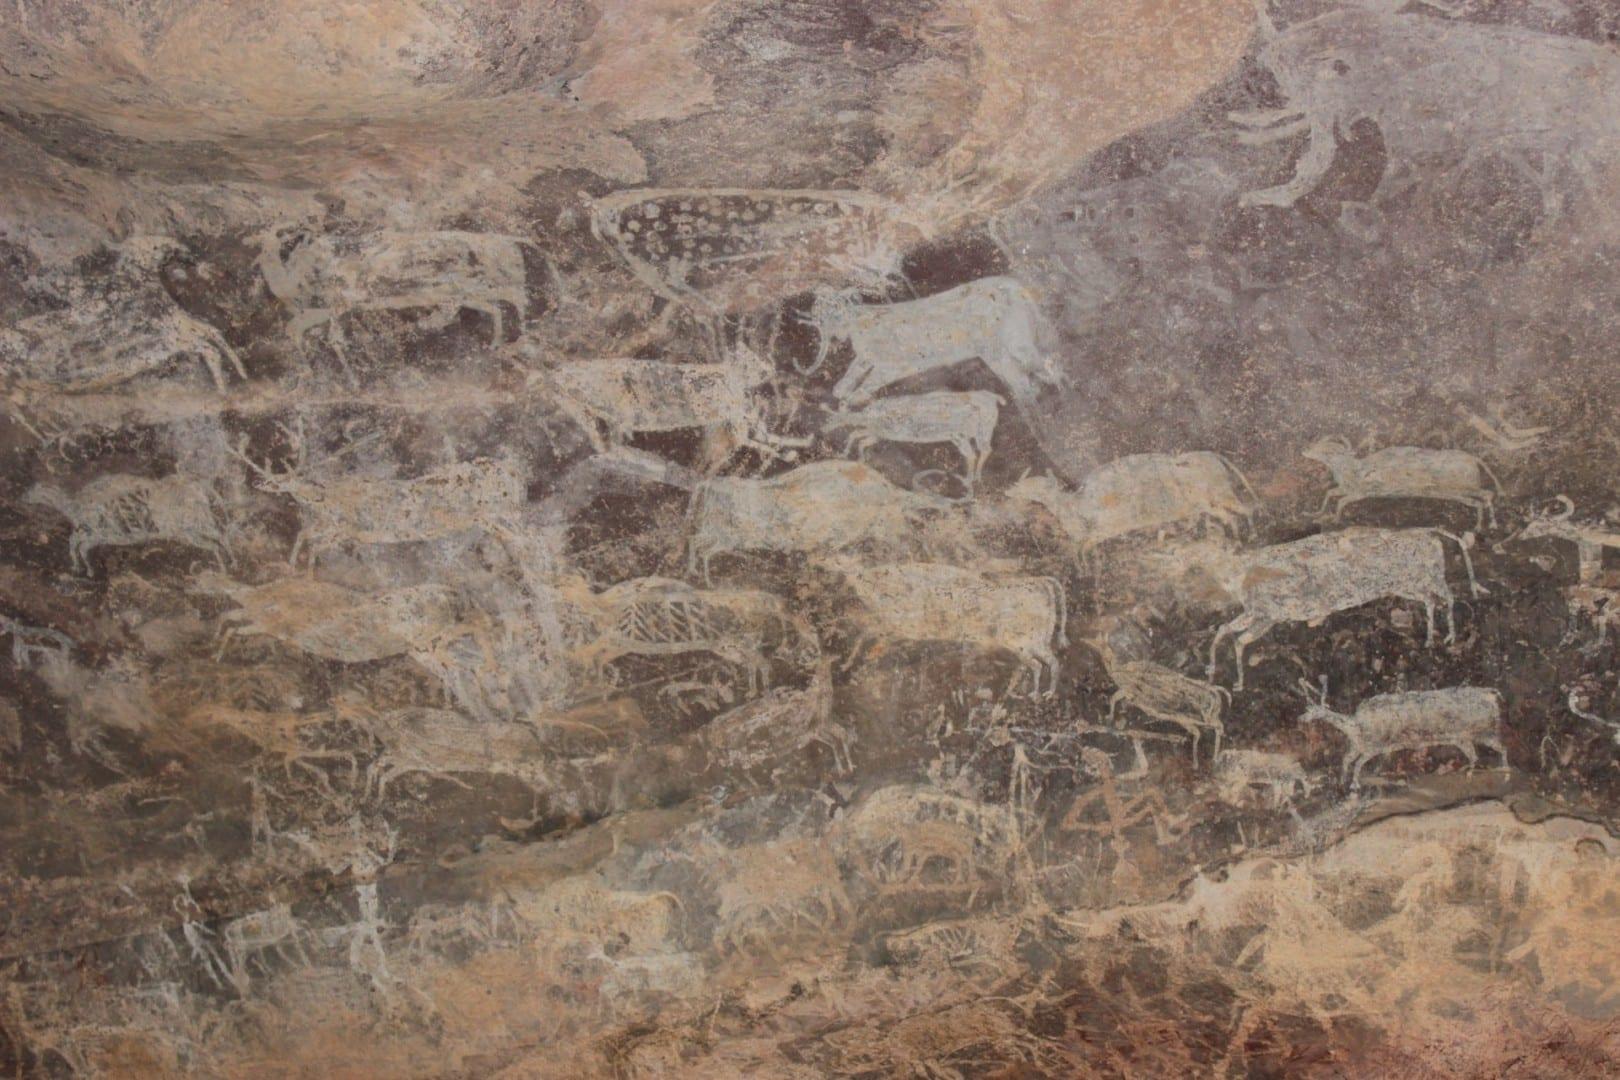 Pinturas rupestres de Bheem Baithika Bhopal India